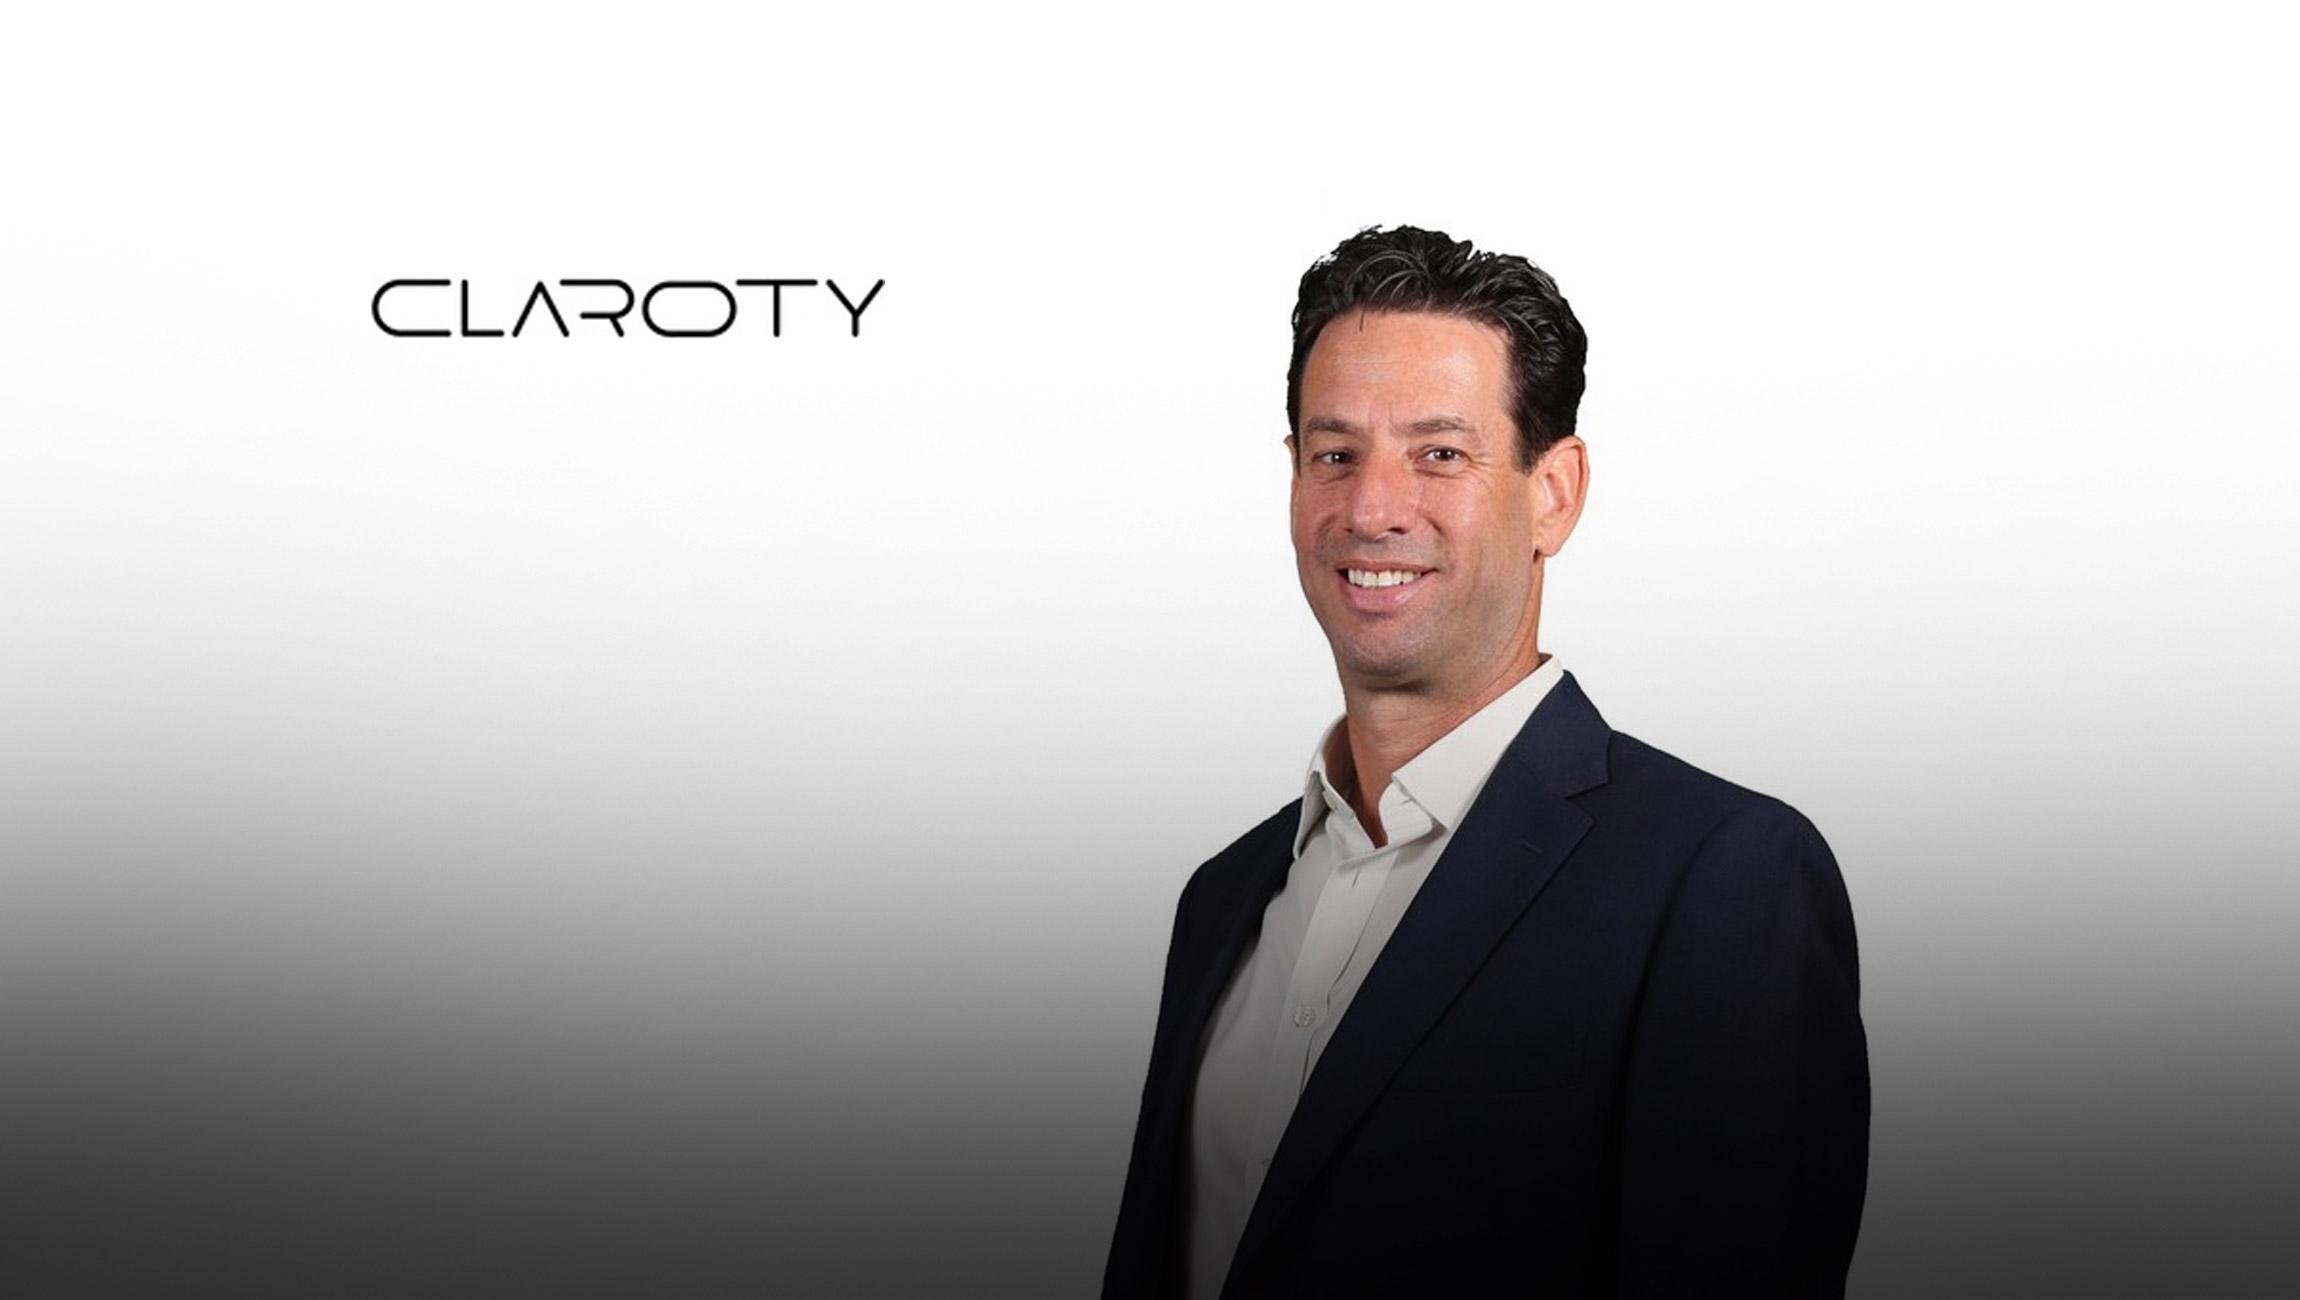 Claroty CEO